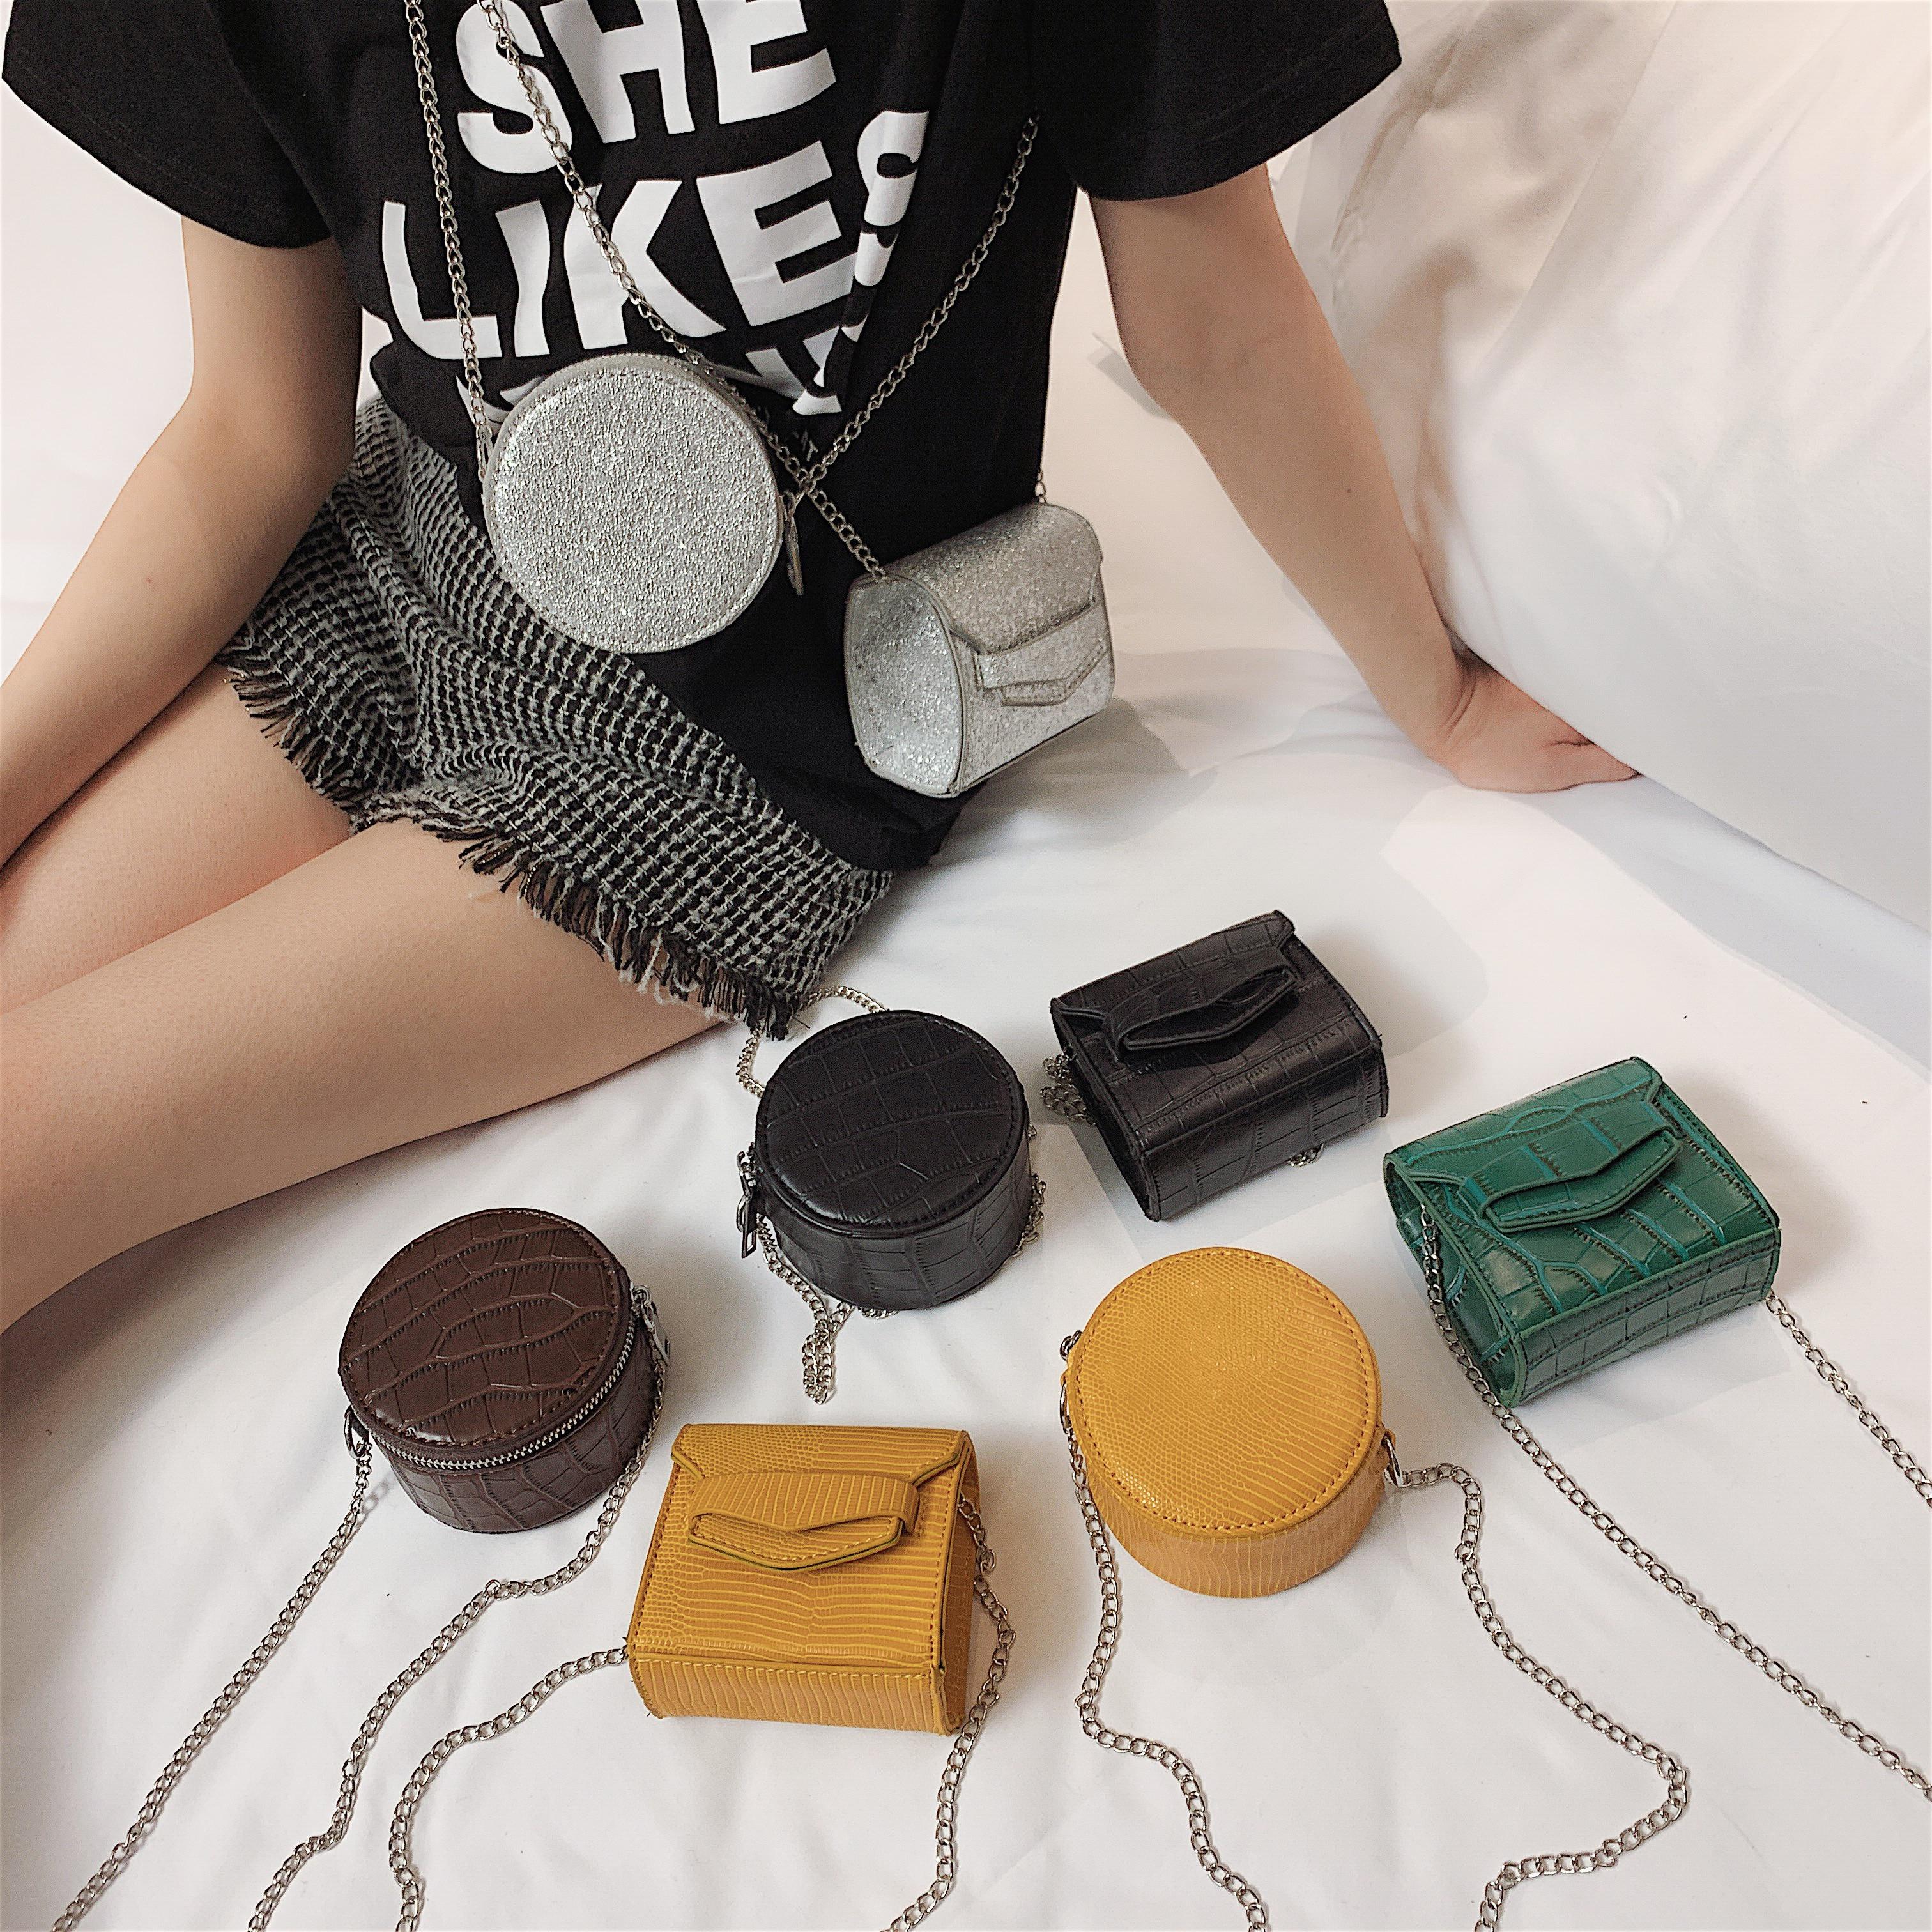 Милые мини сумки через плечо из искусственной кожи для женщин 2019, круглые квадратные сумки мессенджеры на плечо, женские кошельки и сумочки для телефона